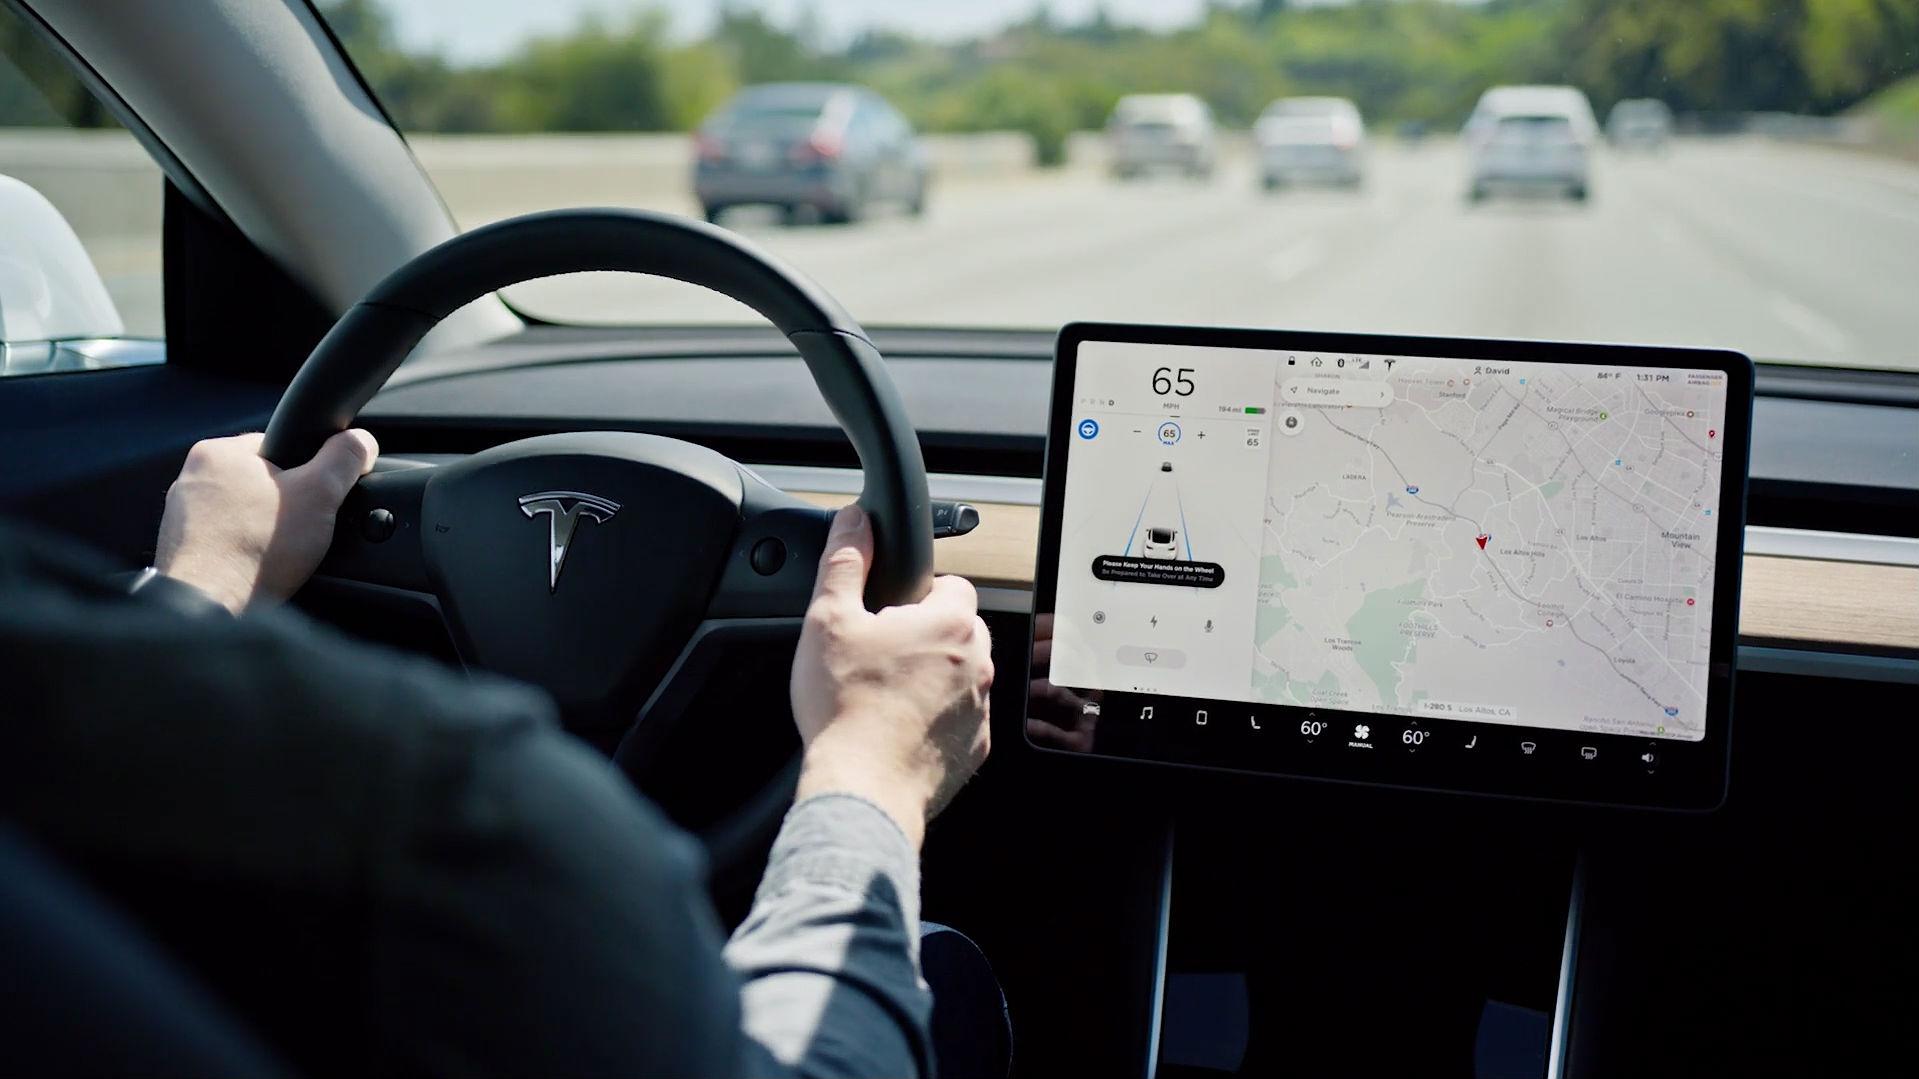 Cómo funciona exactamente la nueva función que permite a los Tesla cambiar de carril de manera autónoma